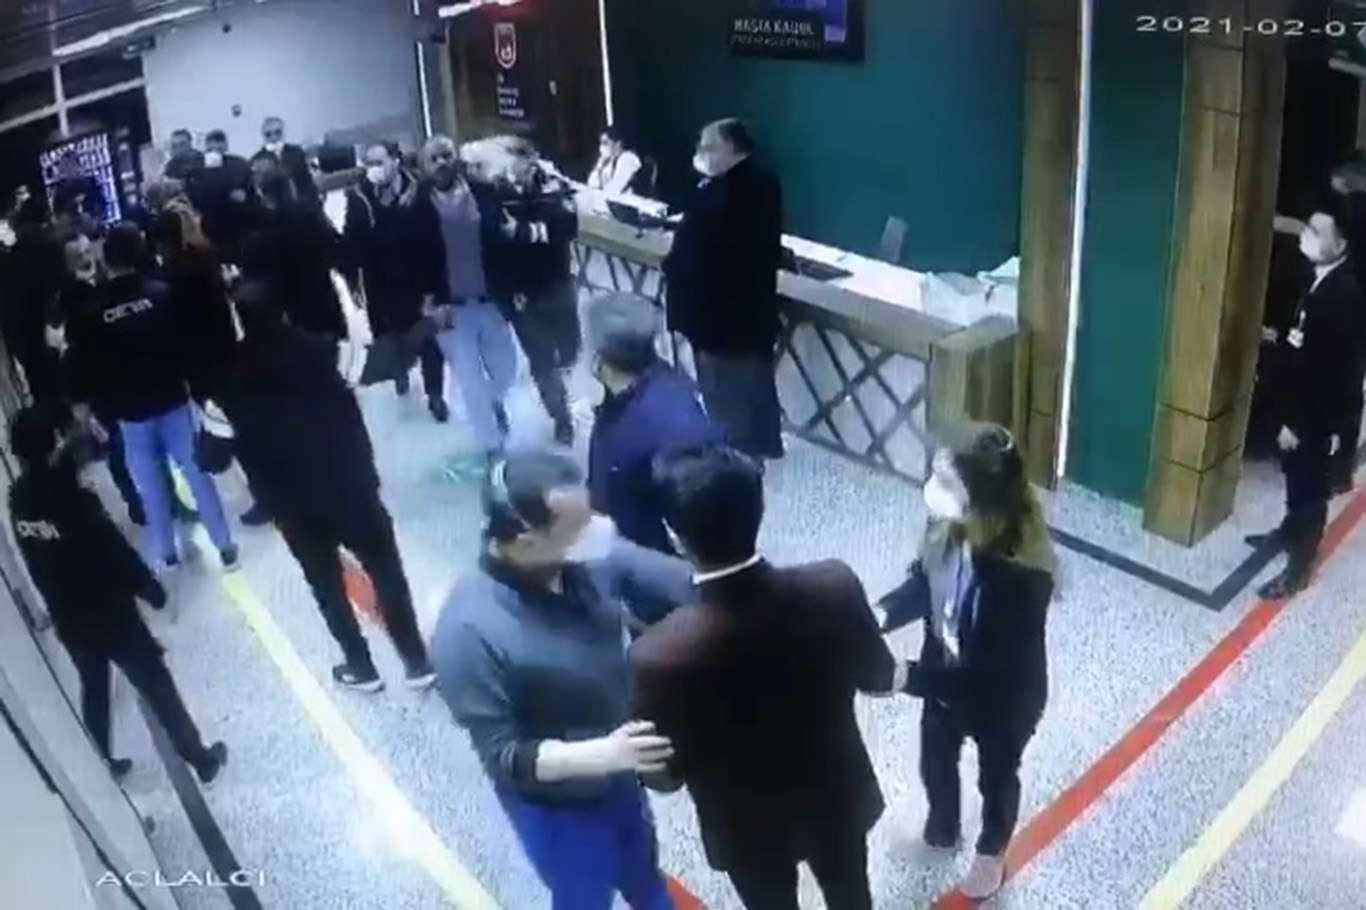 Sağlık çalışanlarına saldırı anı güvenlik kamerasına yansıdı